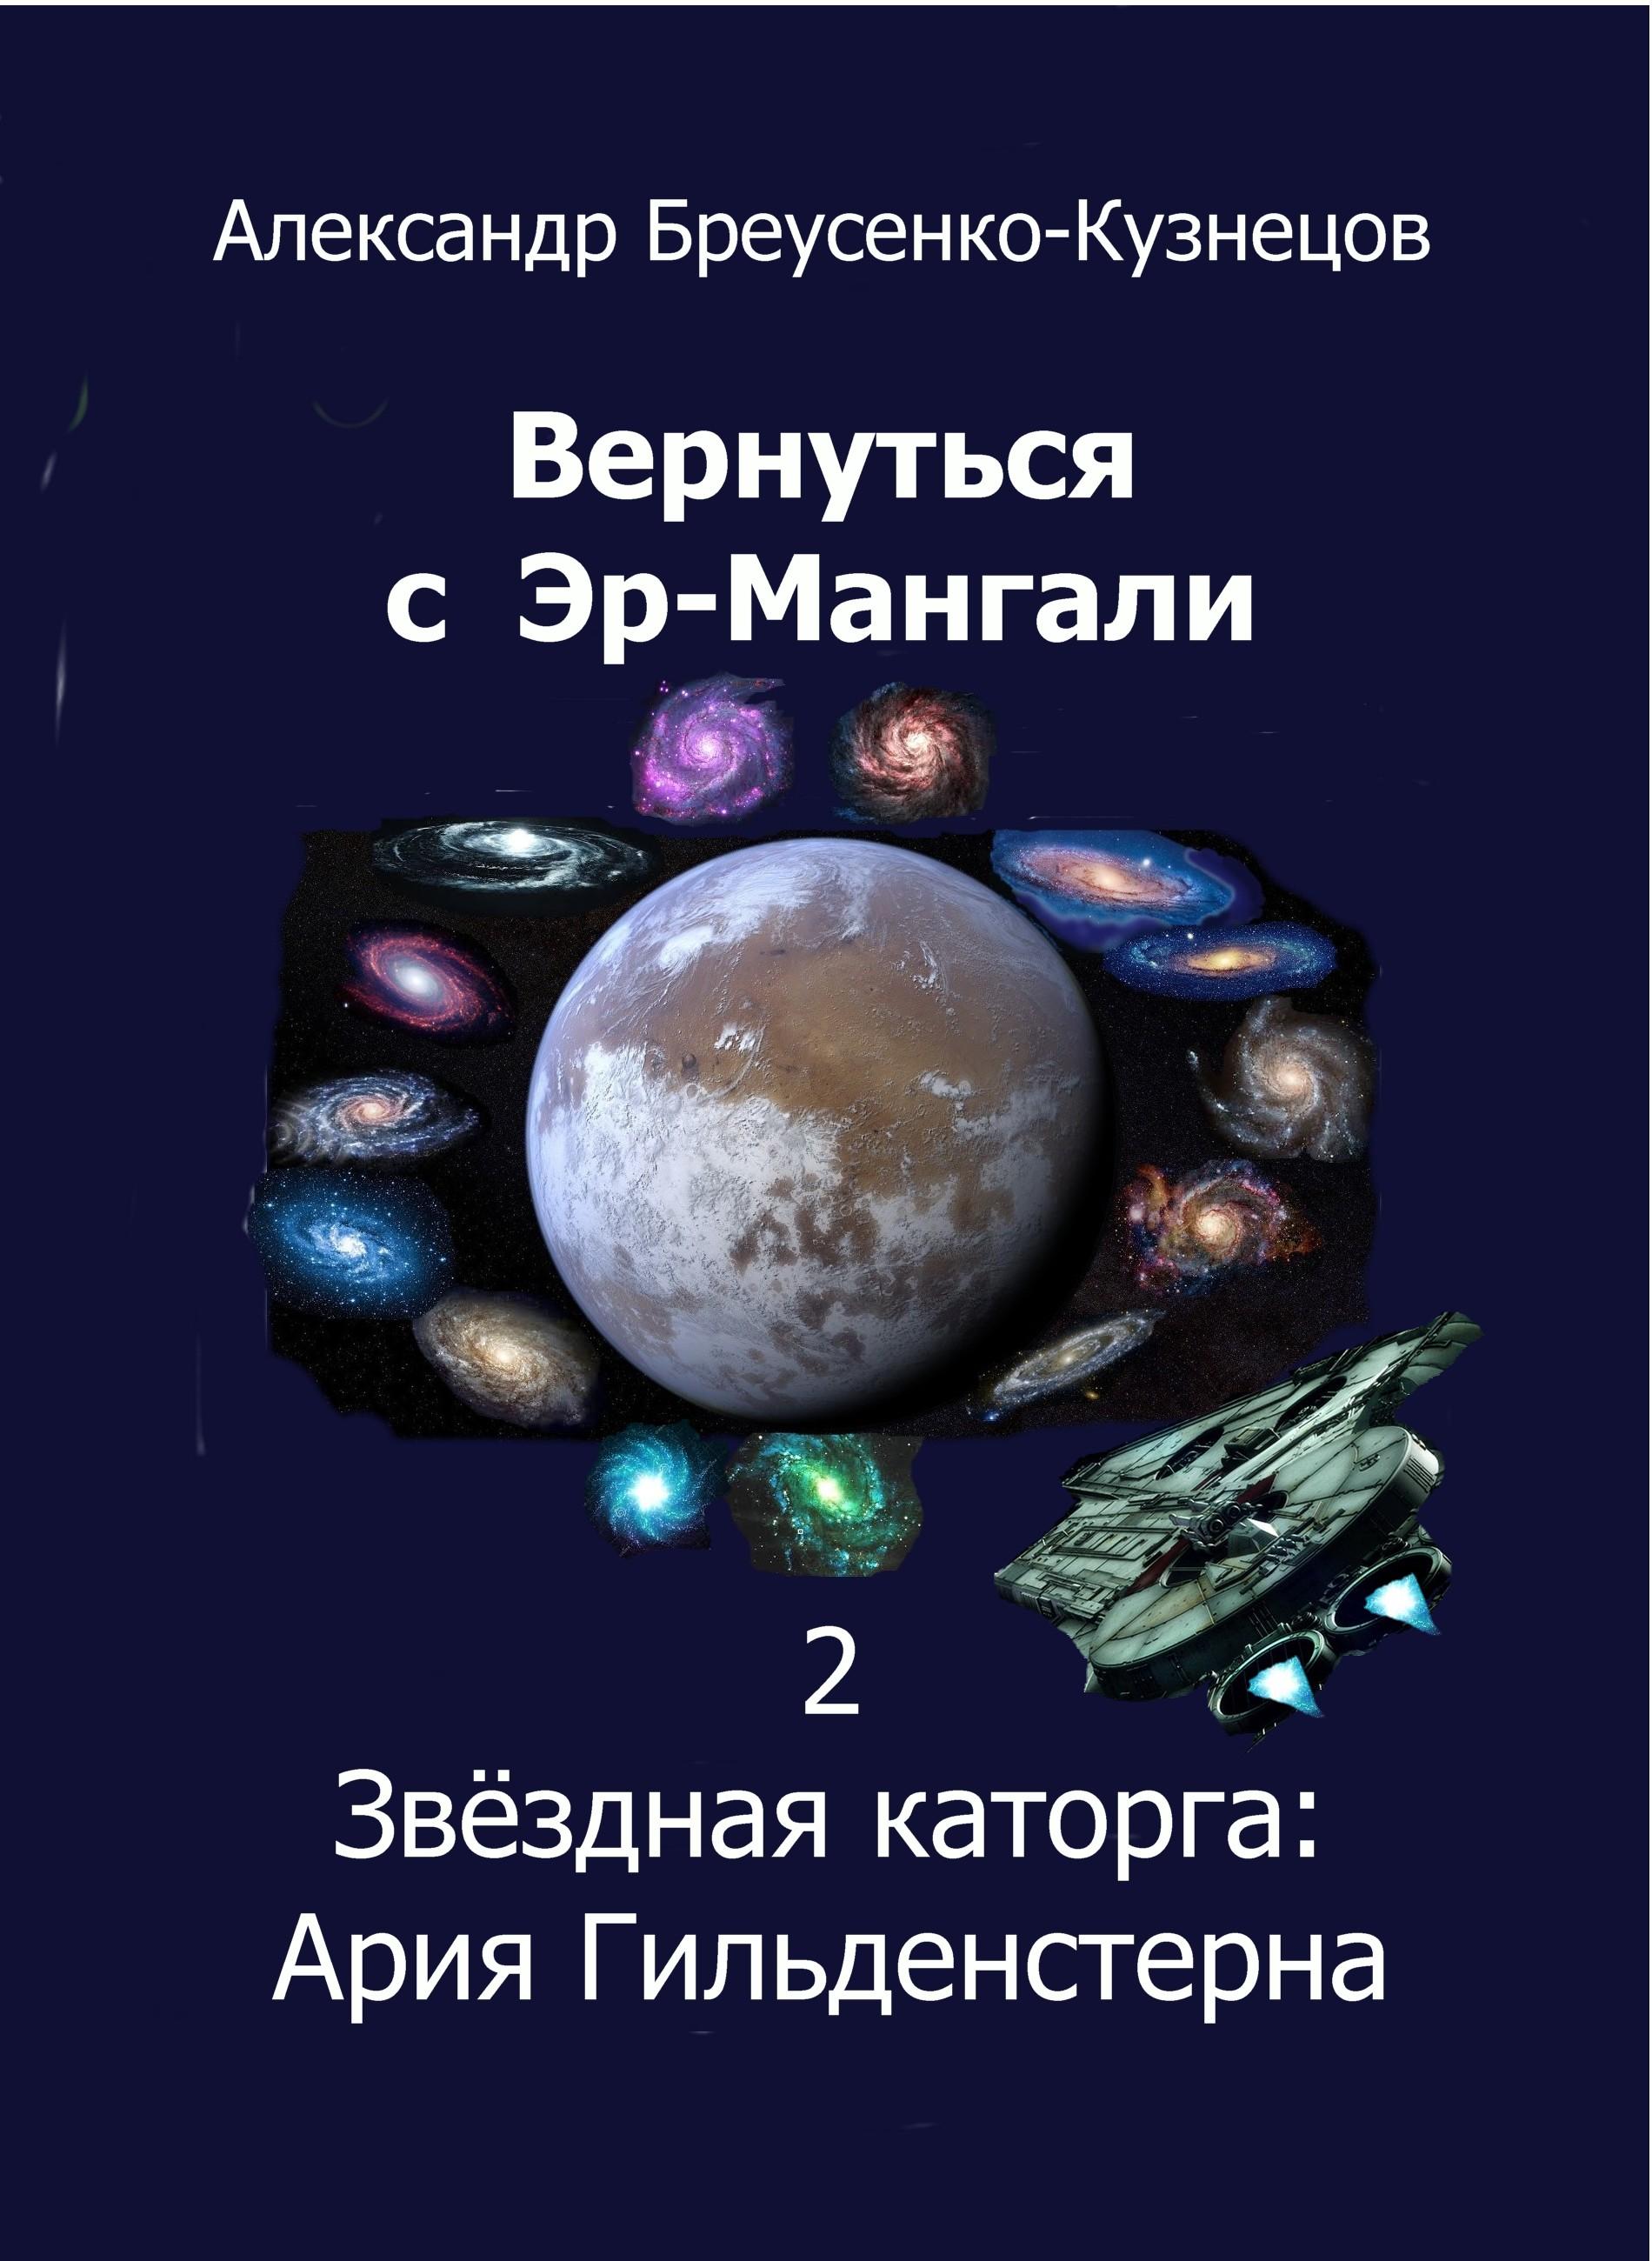 Обложка Звёздная каторга1.jpg